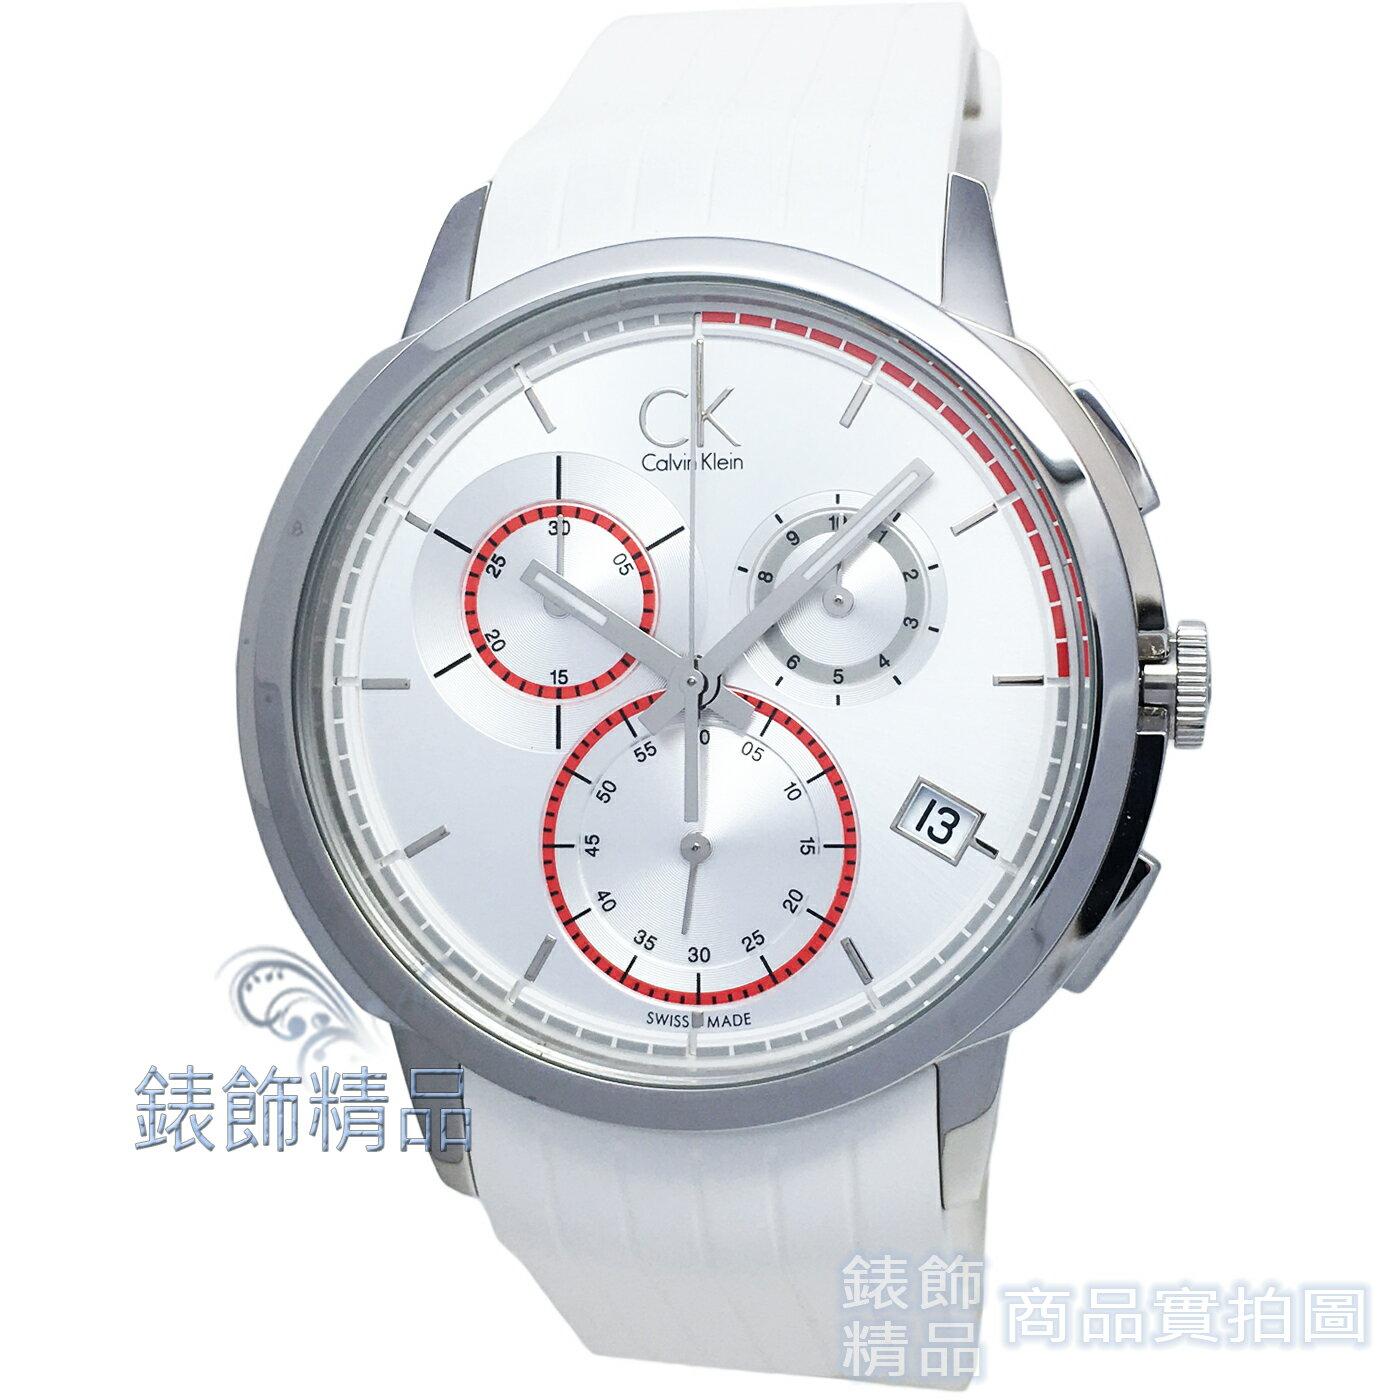 【錶飾精品】CK錶/CK手錶/Calvin Klein中性錶銀白面紅圈三眼碼錶日期白膠帶K1V27938全新原廠正品